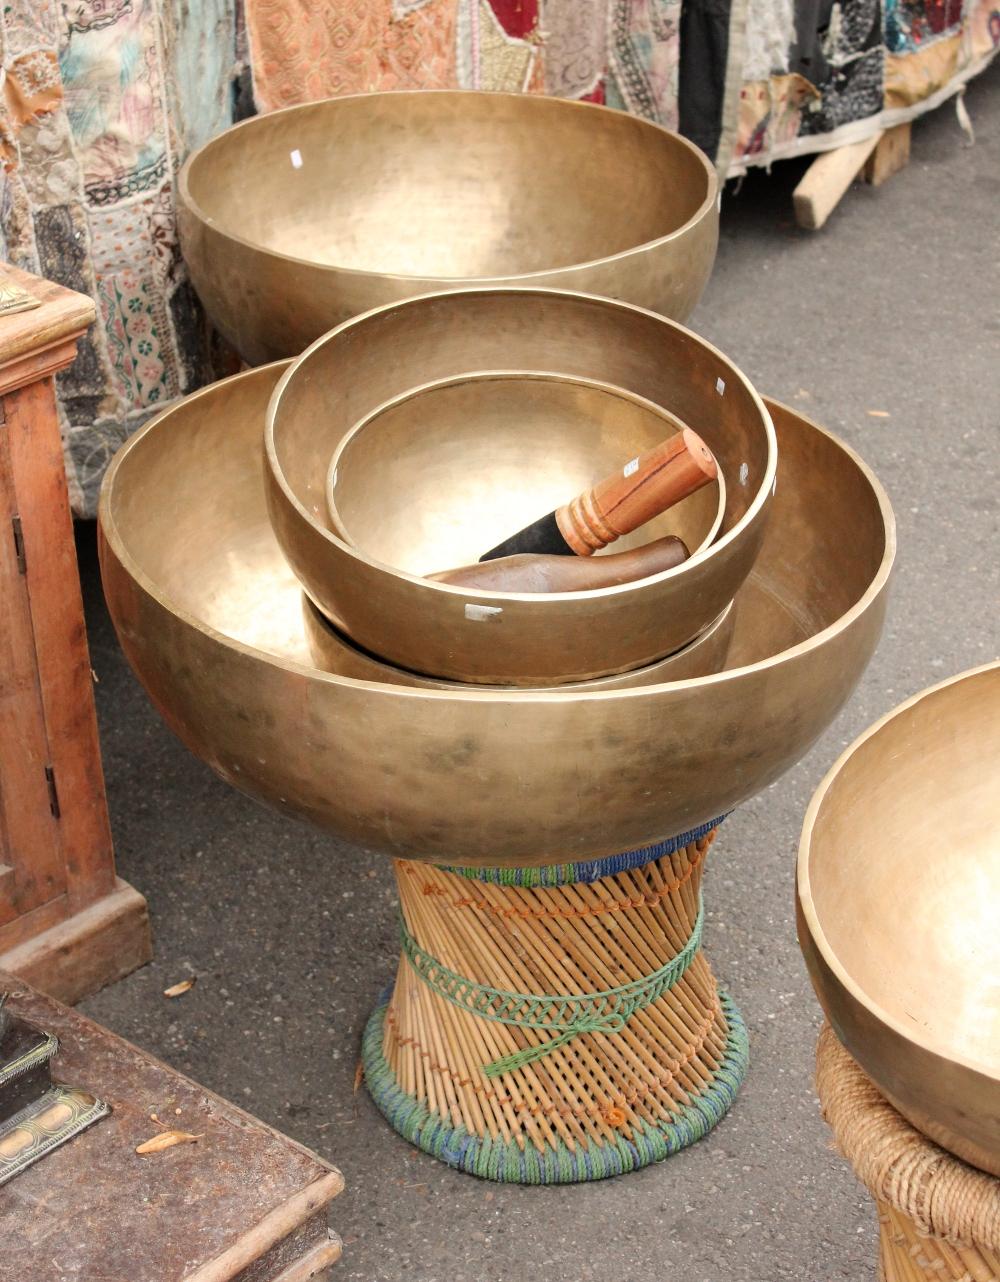 Huge tibetan singing bowl on display at a market